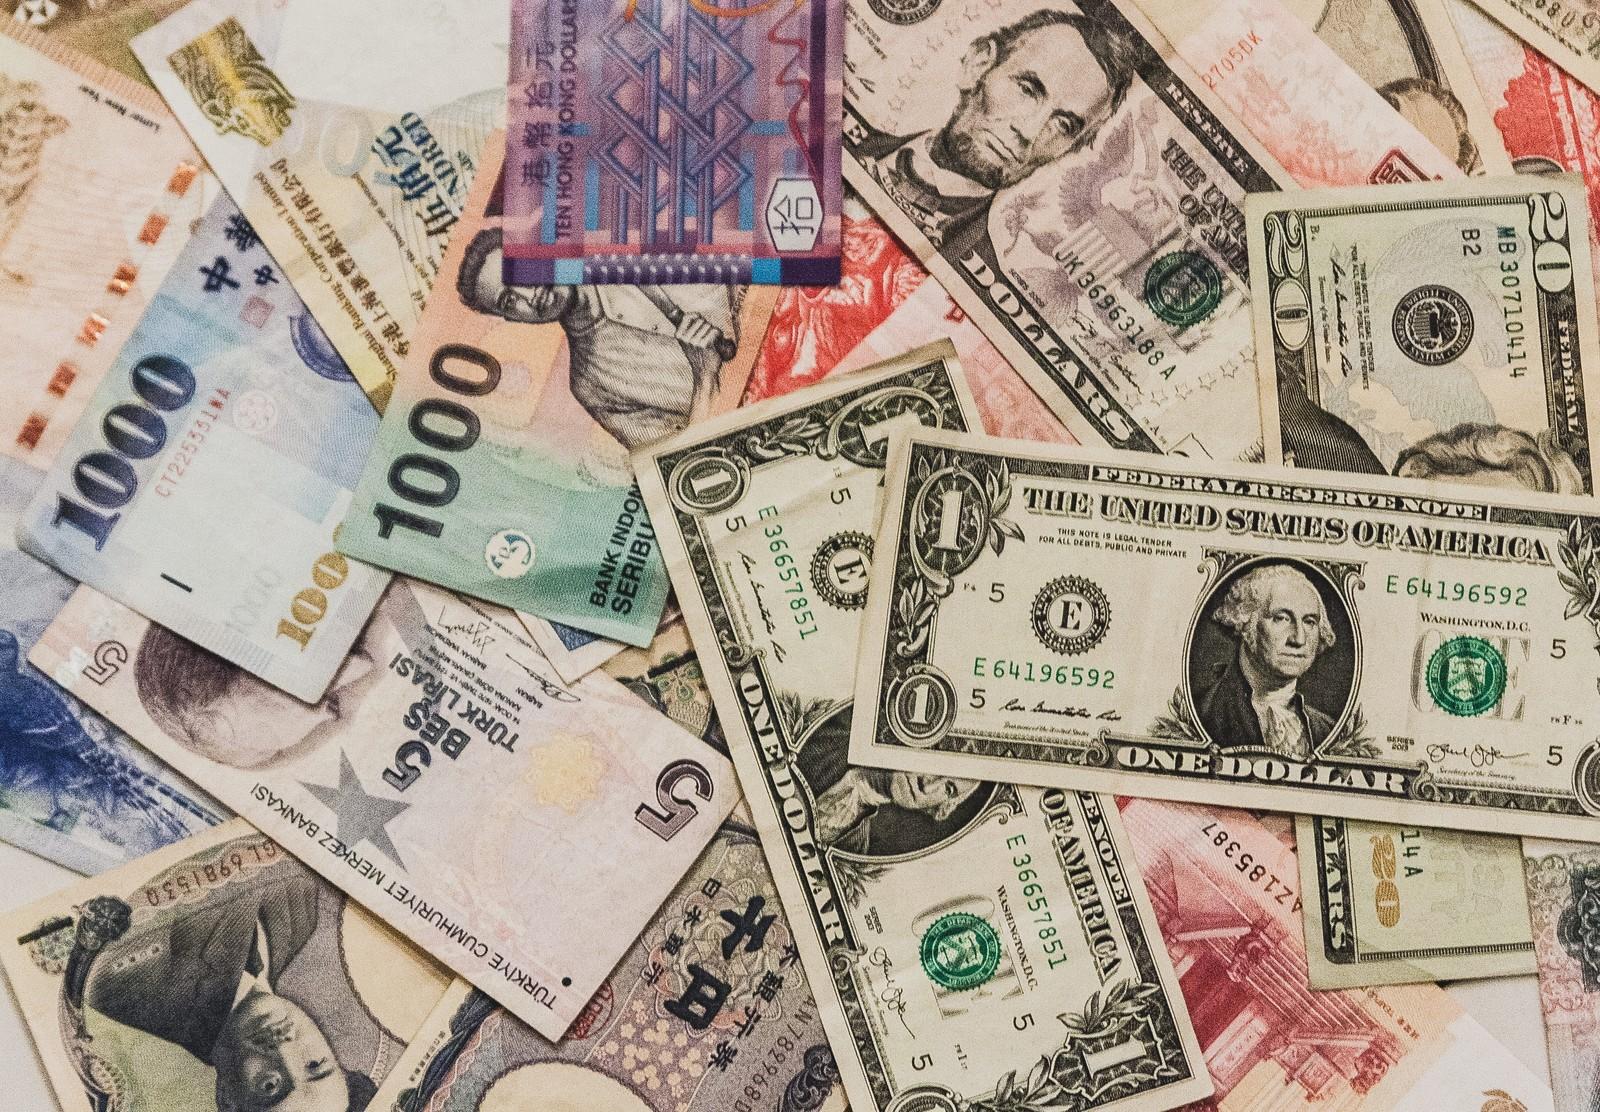 韓国旅行、おススメ両替所&余った外貨を電子マネー(楽天Edy・Amazonギフト券・WAON等)に交換できる サービスを紹介します。